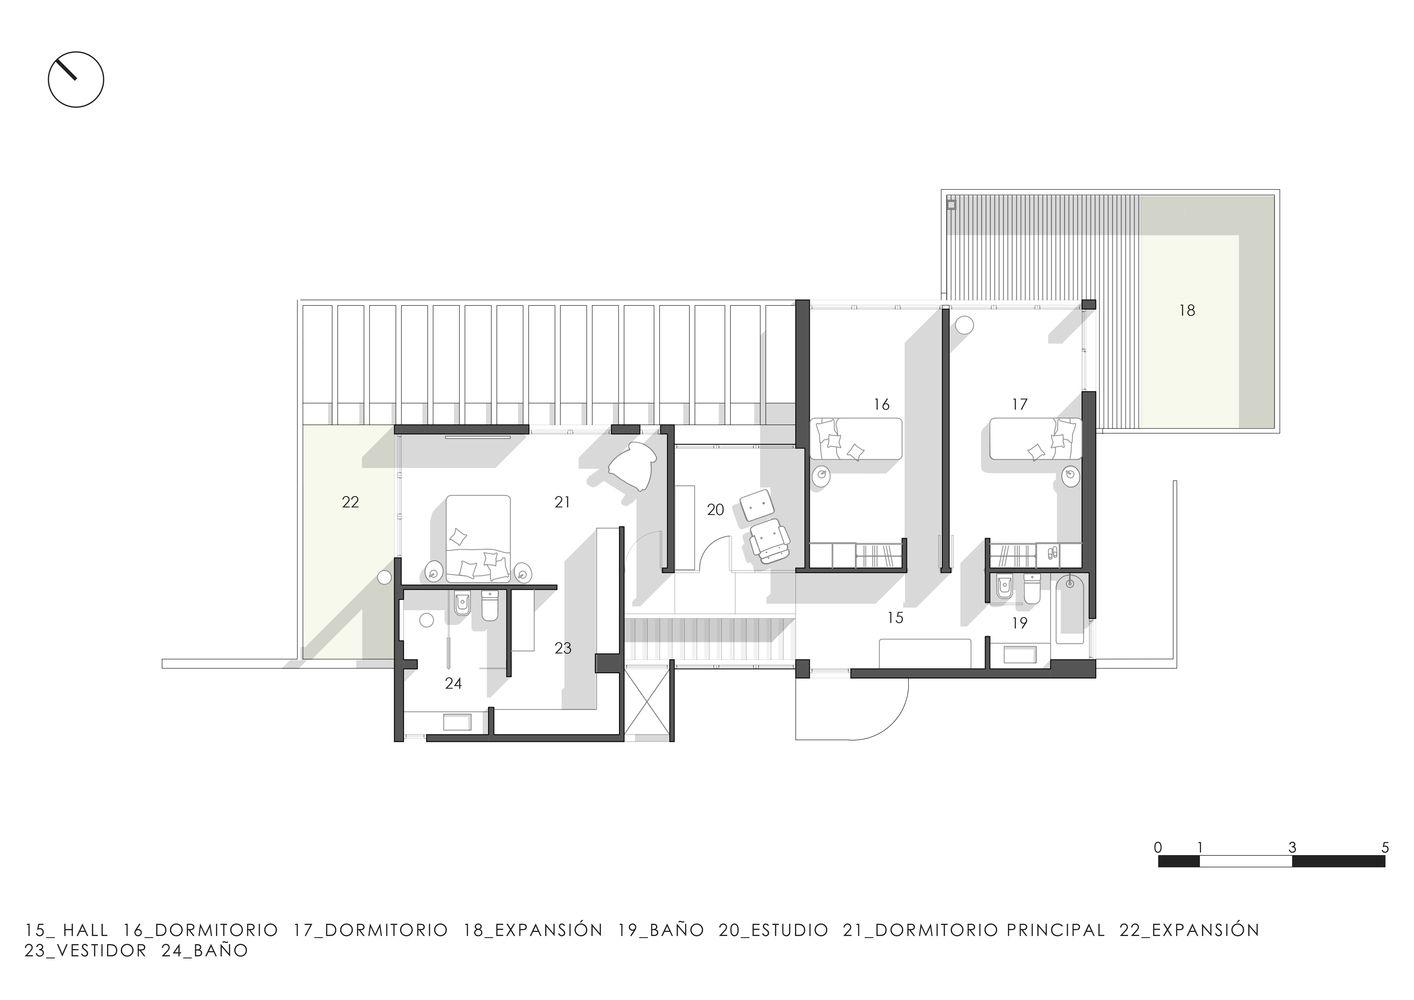 Galeria De Casa Tradicion Estudio Geya 26 House Plans House Floor Plans